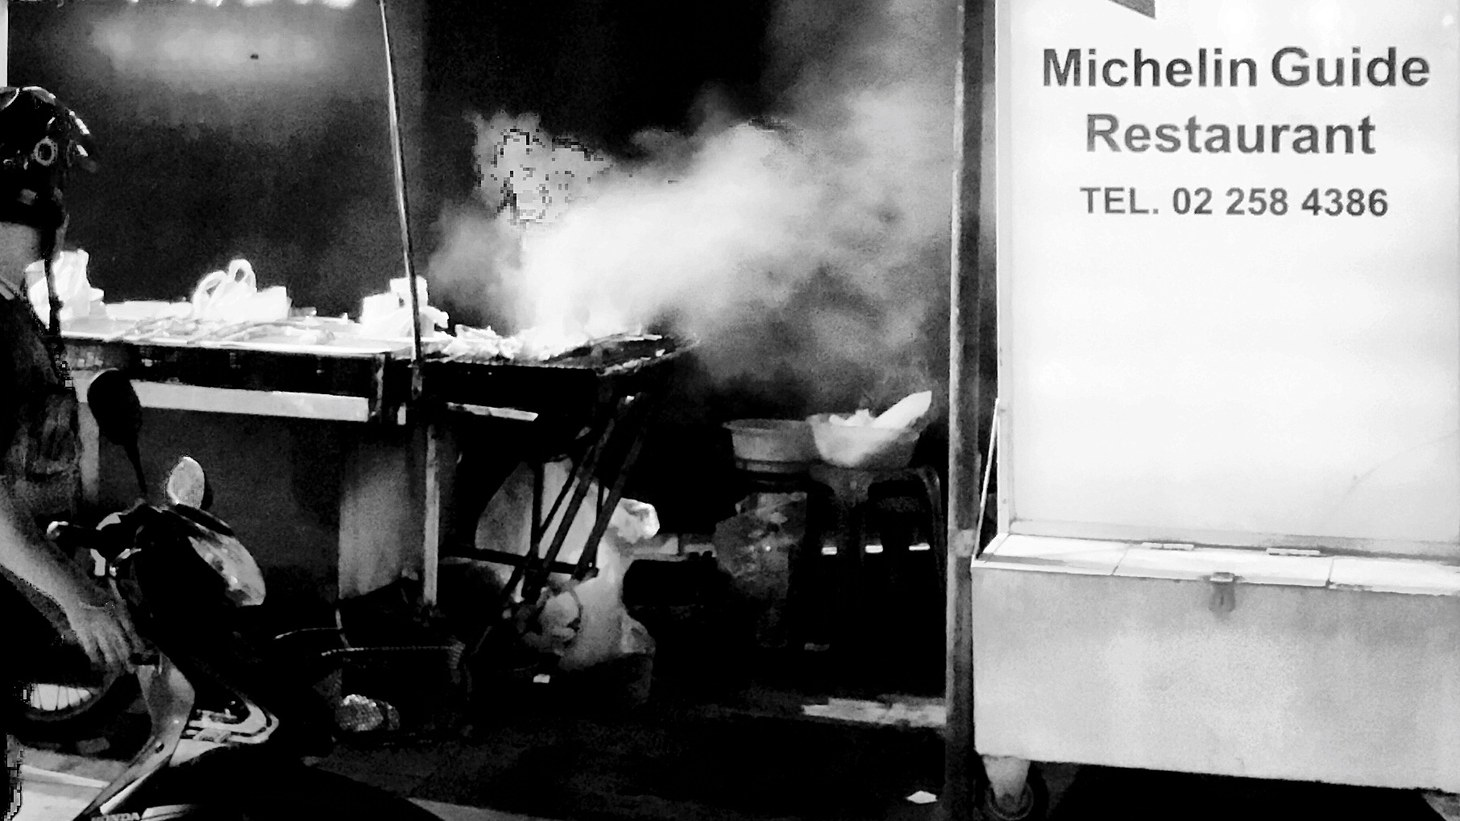 Michelin Guide restaurant in Thailand.